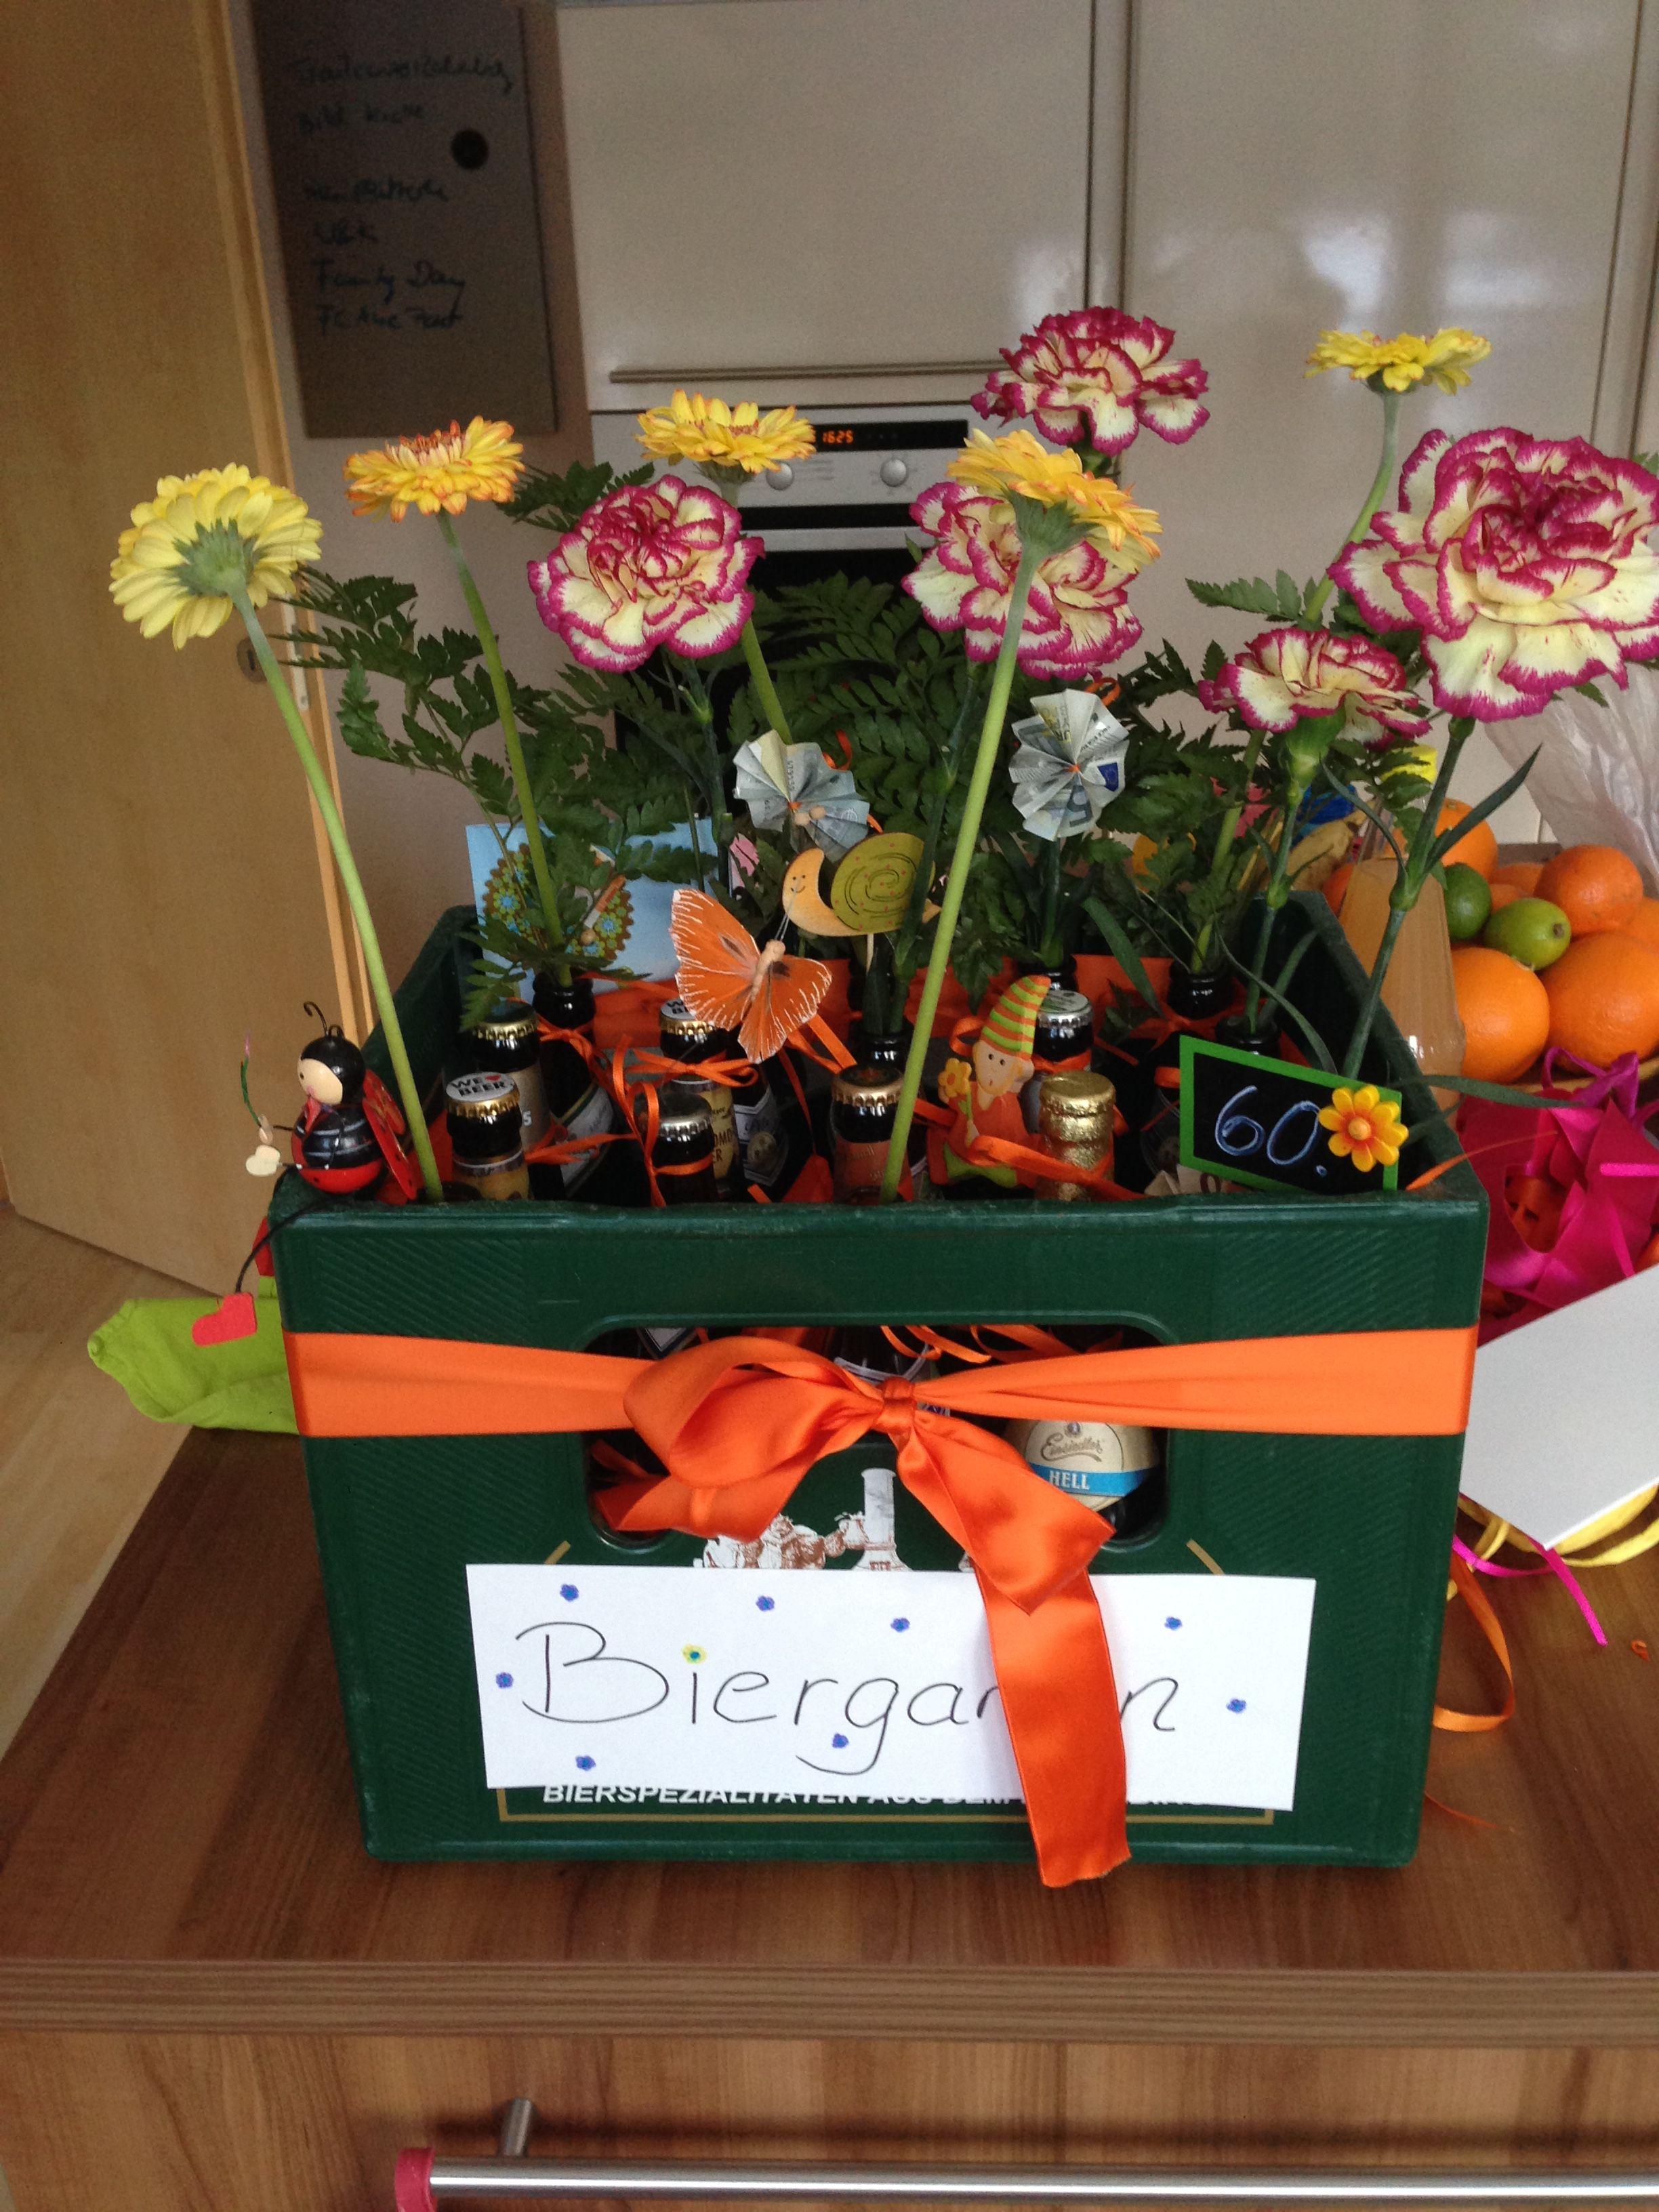 Geburtstagsgeschenk Bier Evi S Produkttestblog Geburtstagsgeschenk